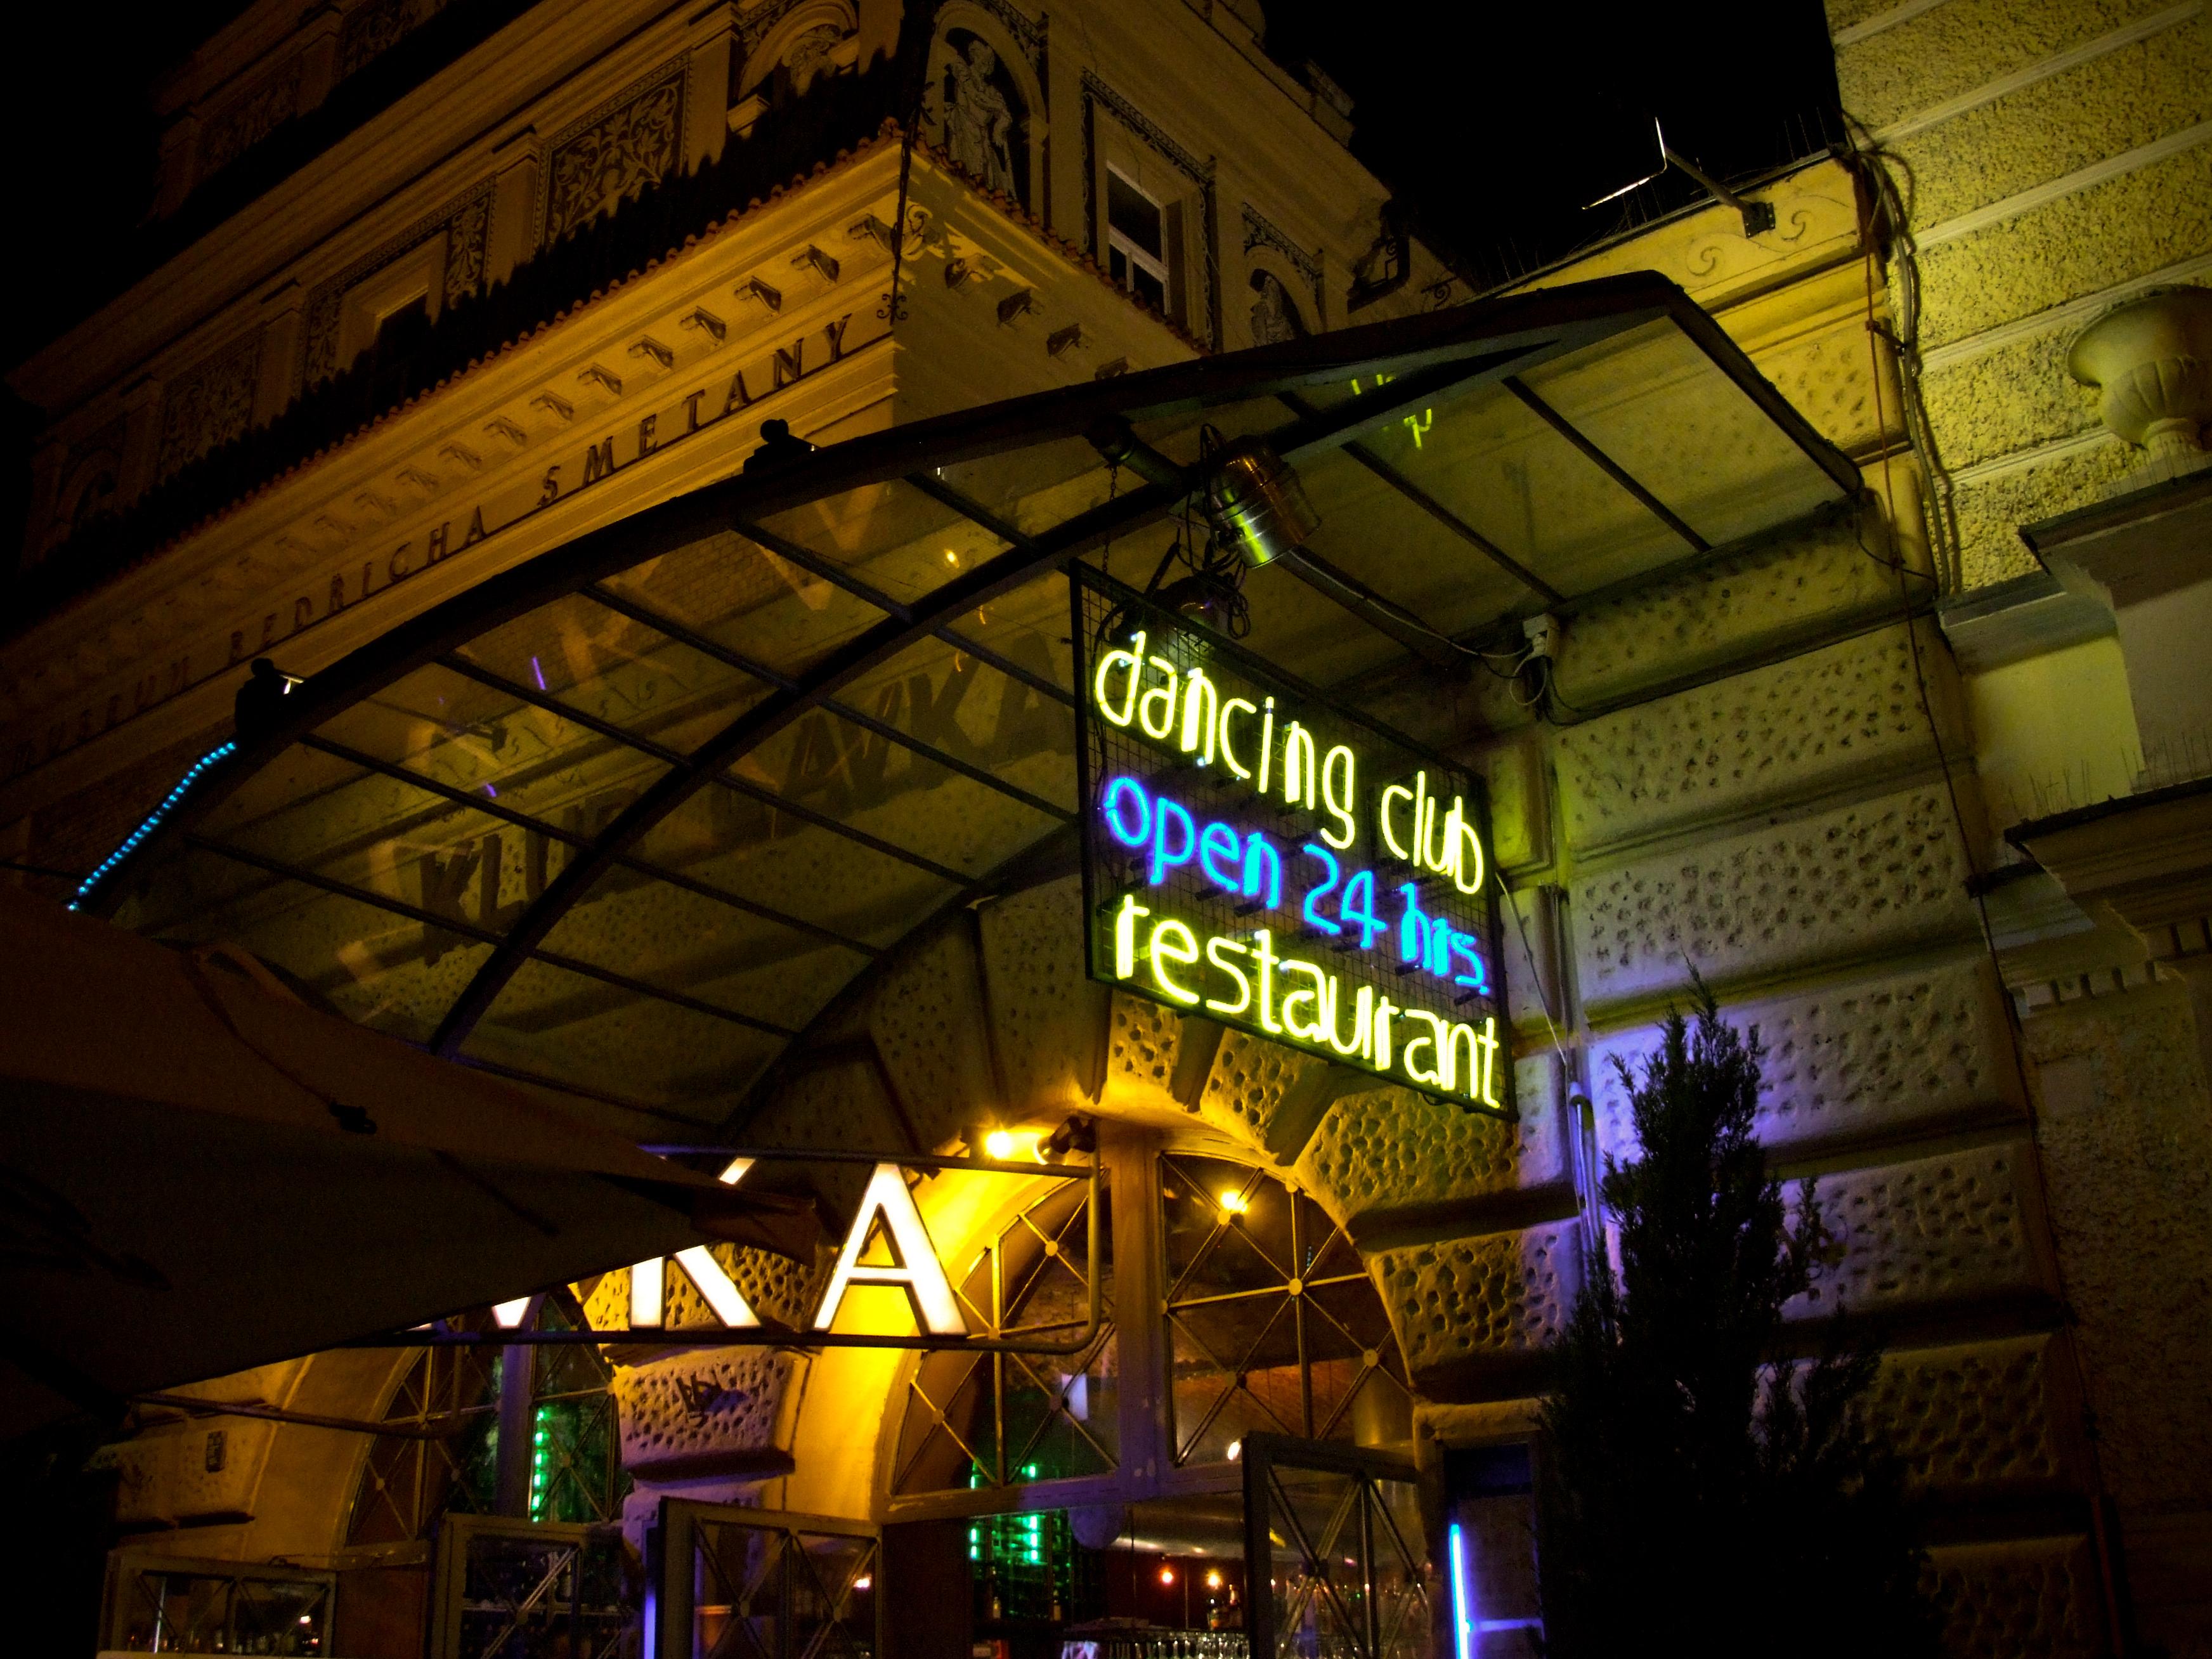 neon club praha freevideo z